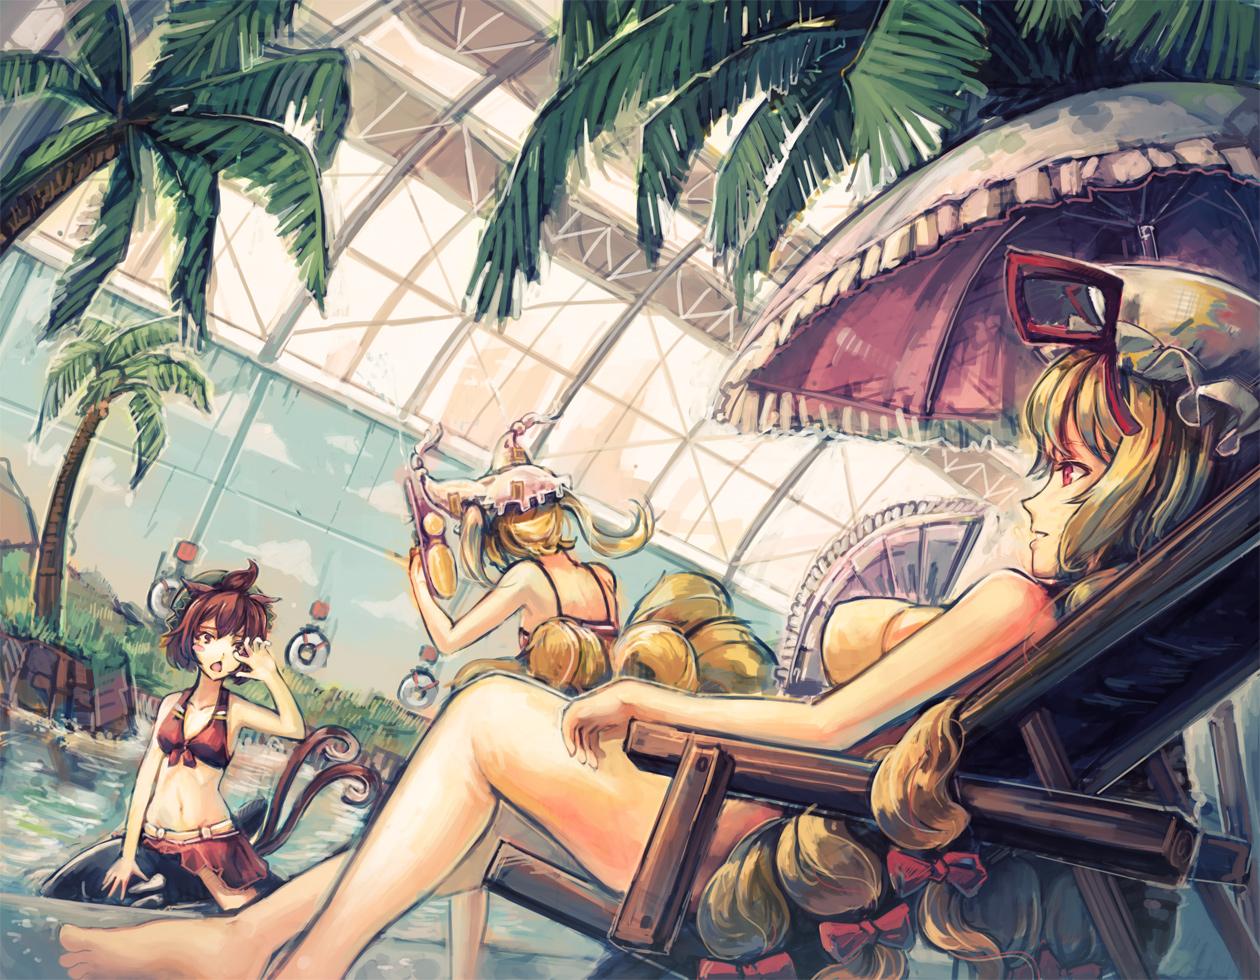 animal_ears bikini blonde_hair blush brown_eyes brown_hair catgirl chen doomfest foxgirl hat long_hair minami-ke multiple_tails navel parody pool red_eyes short_hair swimsuit tail touhou twintails yakumo_ran yakumo_yukari